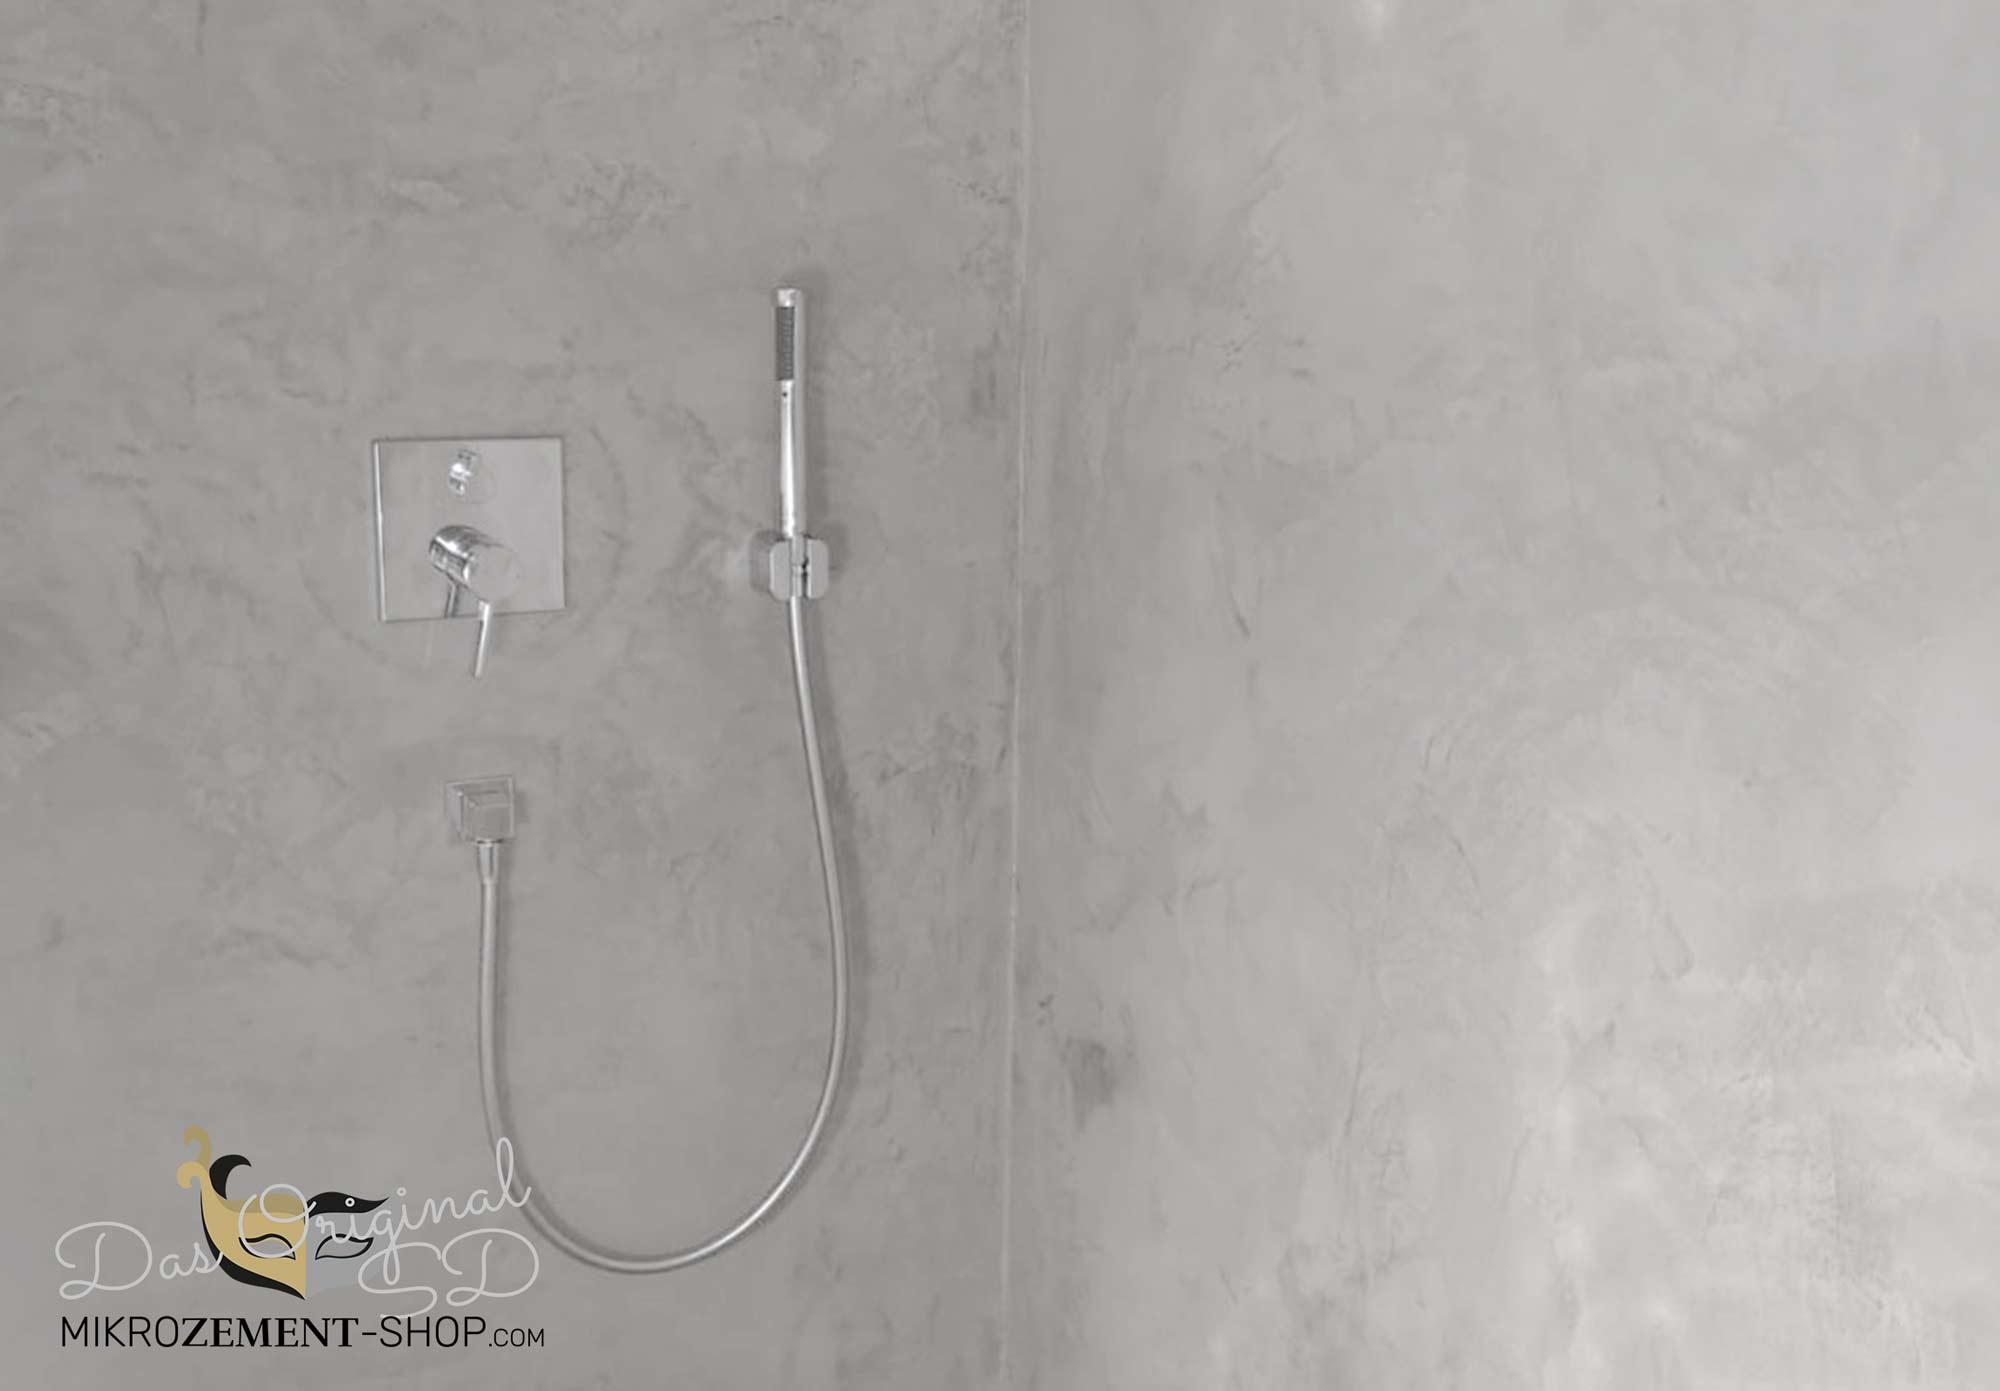 Mikrozement in der Dusche